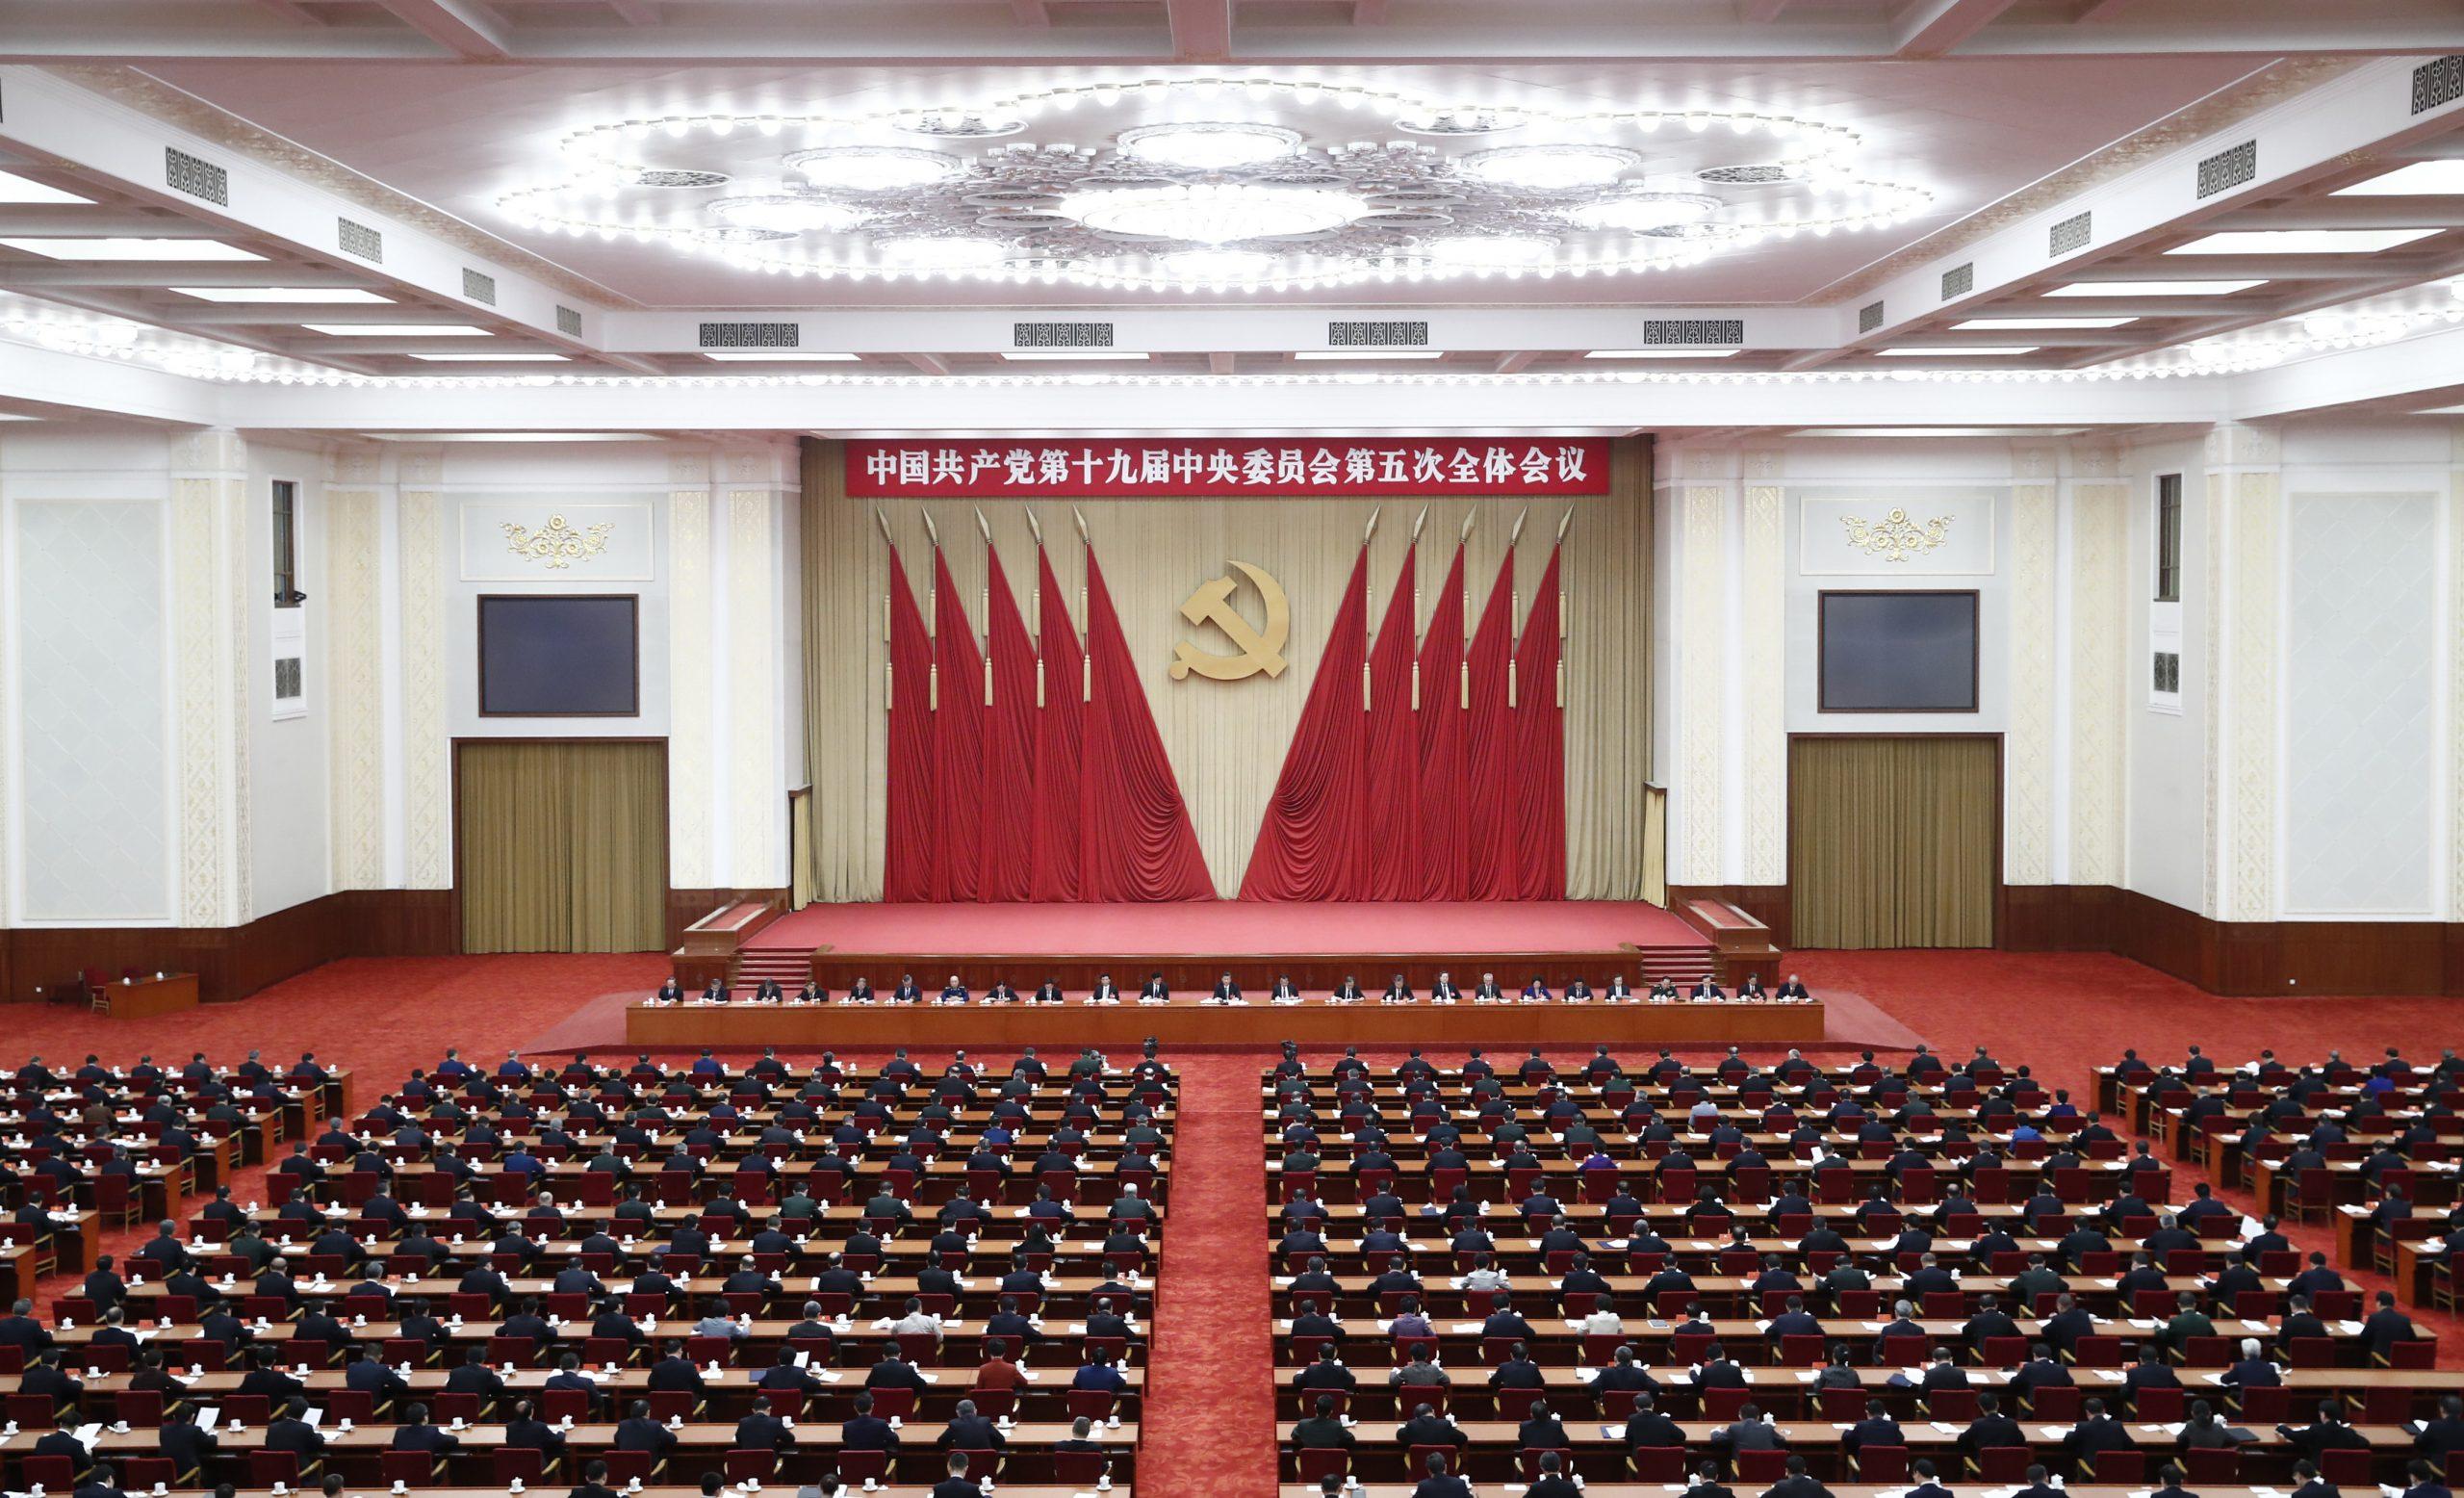 Partidos y dirigentes políticos extienden felicitaciones por el próximo centenario del PCCh (segunda parte)